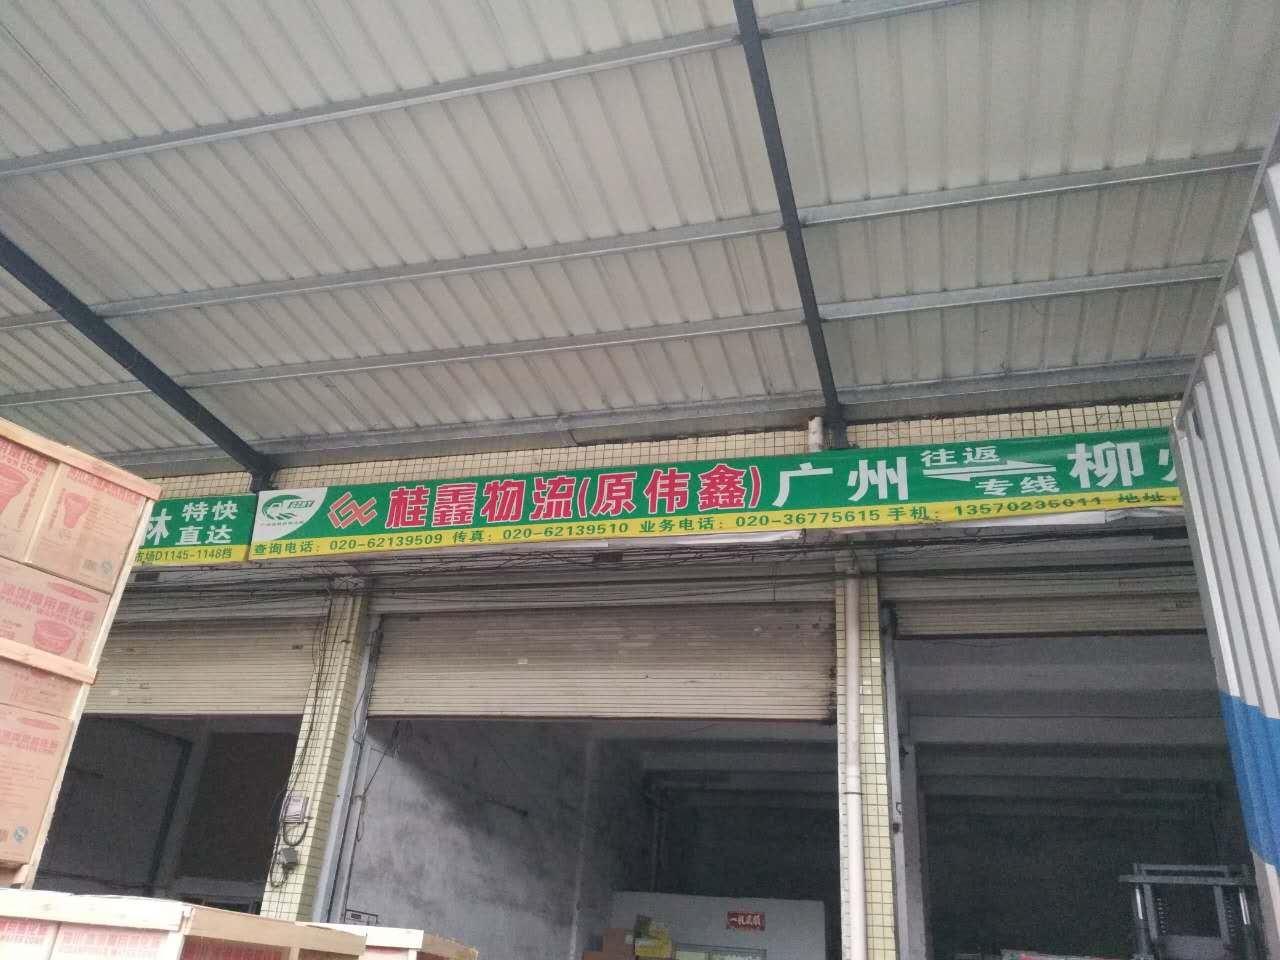 广州到东莞物流专线(广州市桂鑫物流有限公司)